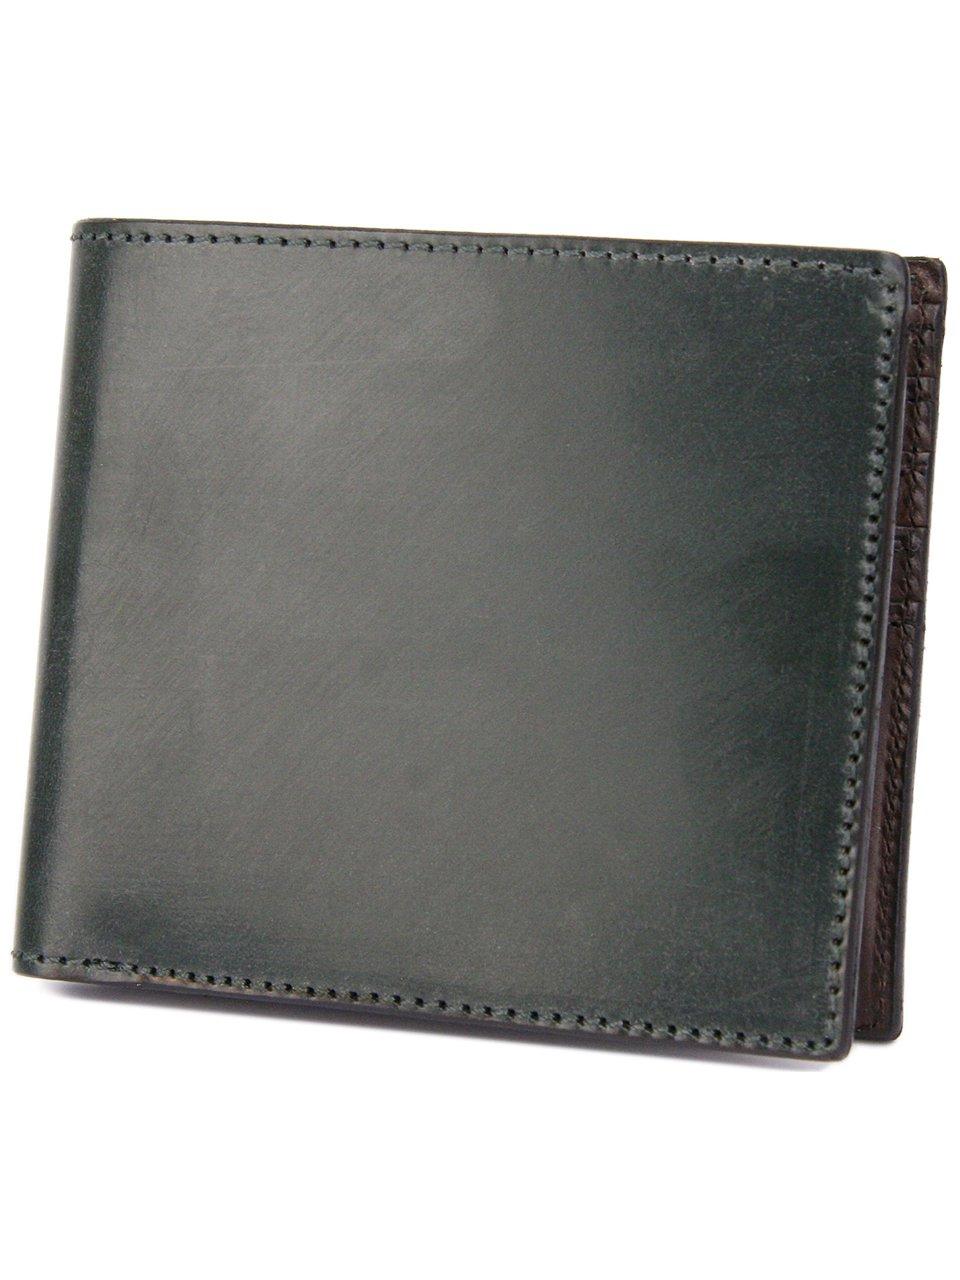 [コルボ] CORBO. -face Bridle Leatherフェイス ブライドルレザー シリーズ 二つ折り財布 1LD-0228 CO-1LD-0228 B006G4HEU8 ダークグリーン ダークグリーン